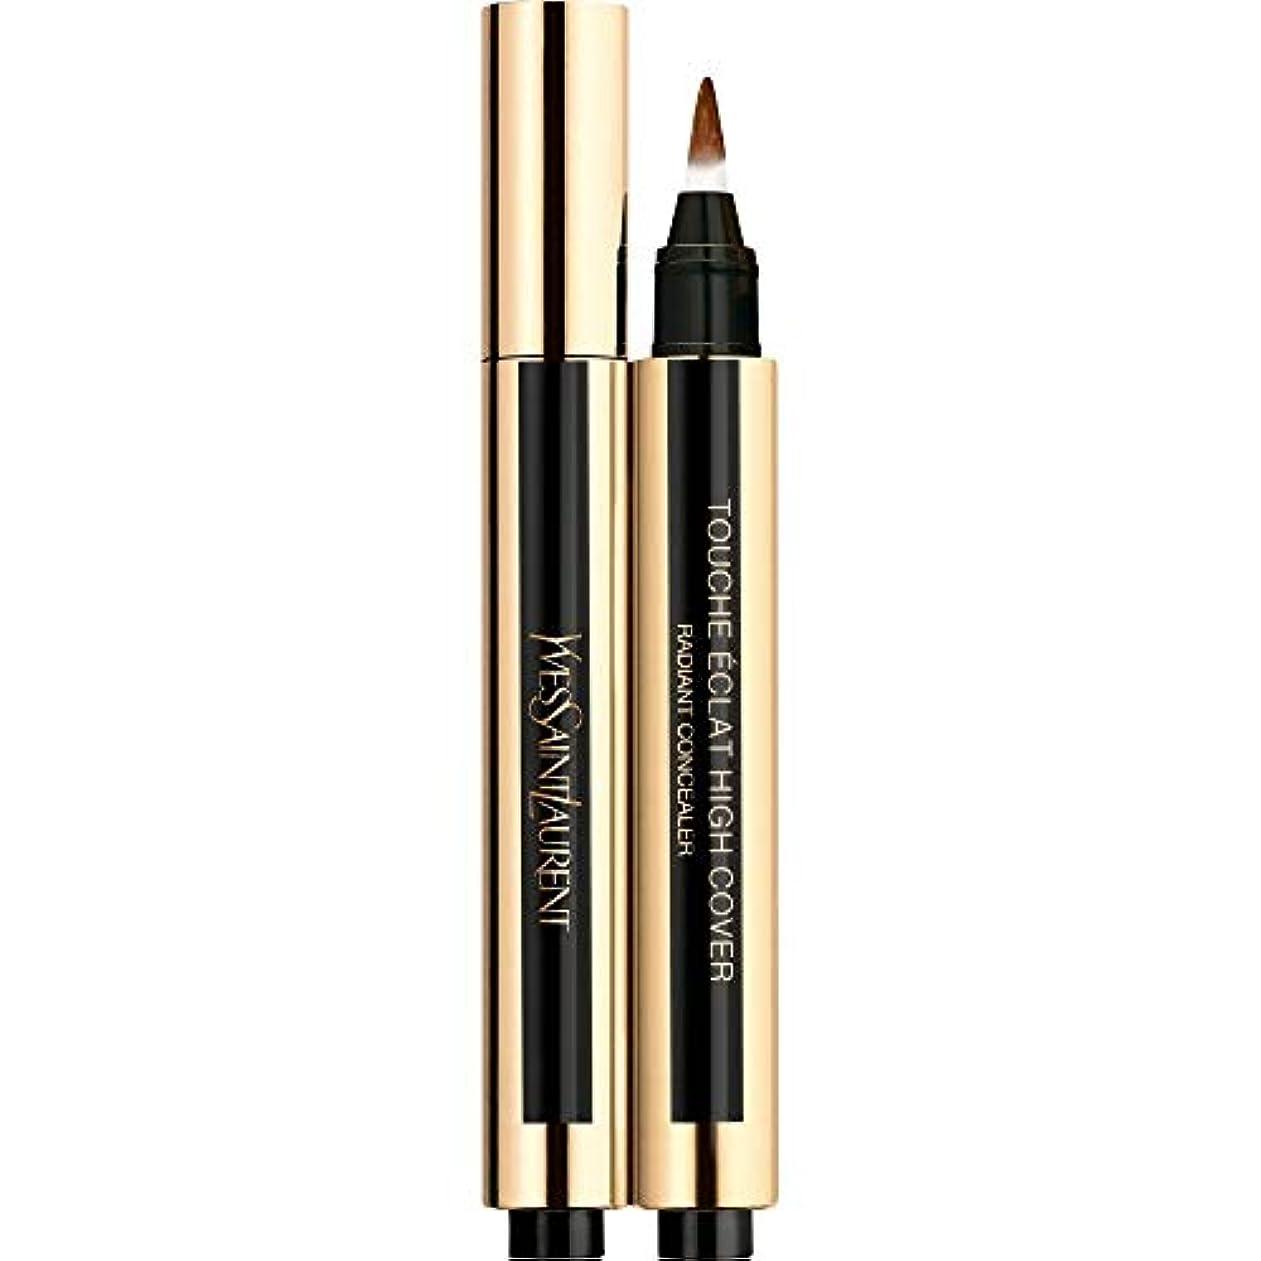 信仰時制春[Yves Saint Laurent] 9 2.5ミリリットルイヴ・サンローランのトウシュエクラ高いカバー放射コンシーラーペン - エスプレッソ - Yves Saint Laurent Touche Eclat High Cover Radiant Concealer Pen 2.5ml 9 - Expresso [並行輸入品]